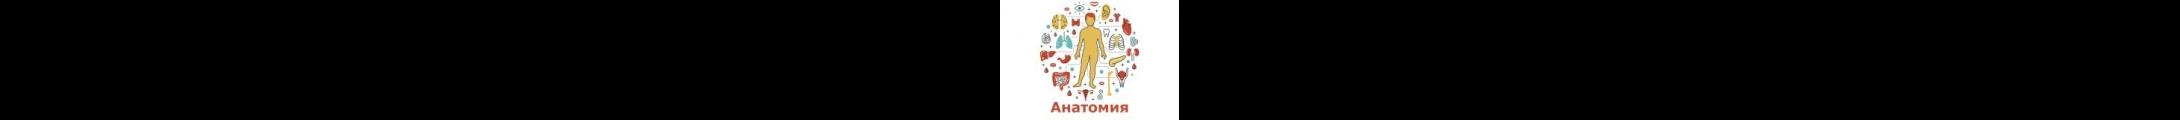 Итоги конкурса по анатомии и физиологии человека «Самый, самый, самый»